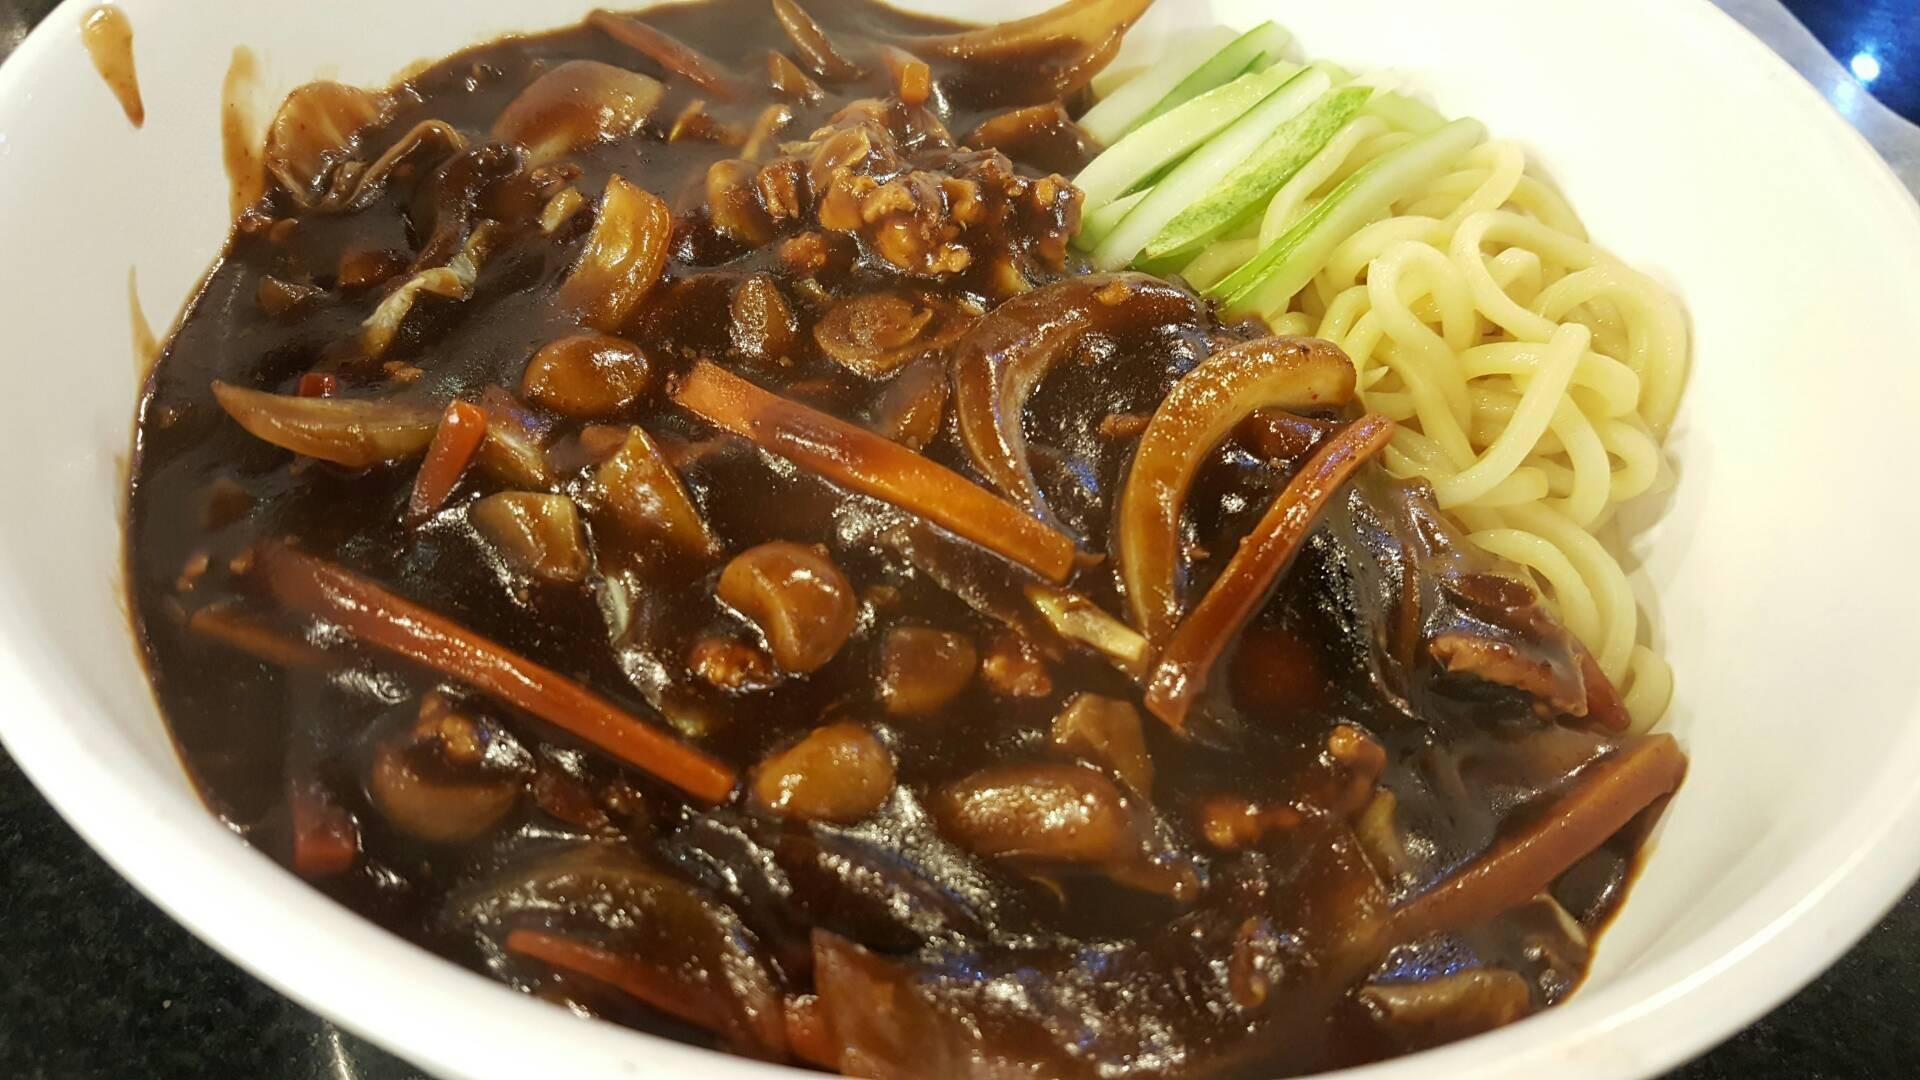 ชุดสุดคุ้ม : ชุดบะหมี่ดำ (จา จัง มยอน) / เกี๊ยวกุ้งซาเซมิ / น้ำ : ดำๆ เครื่องดูแ